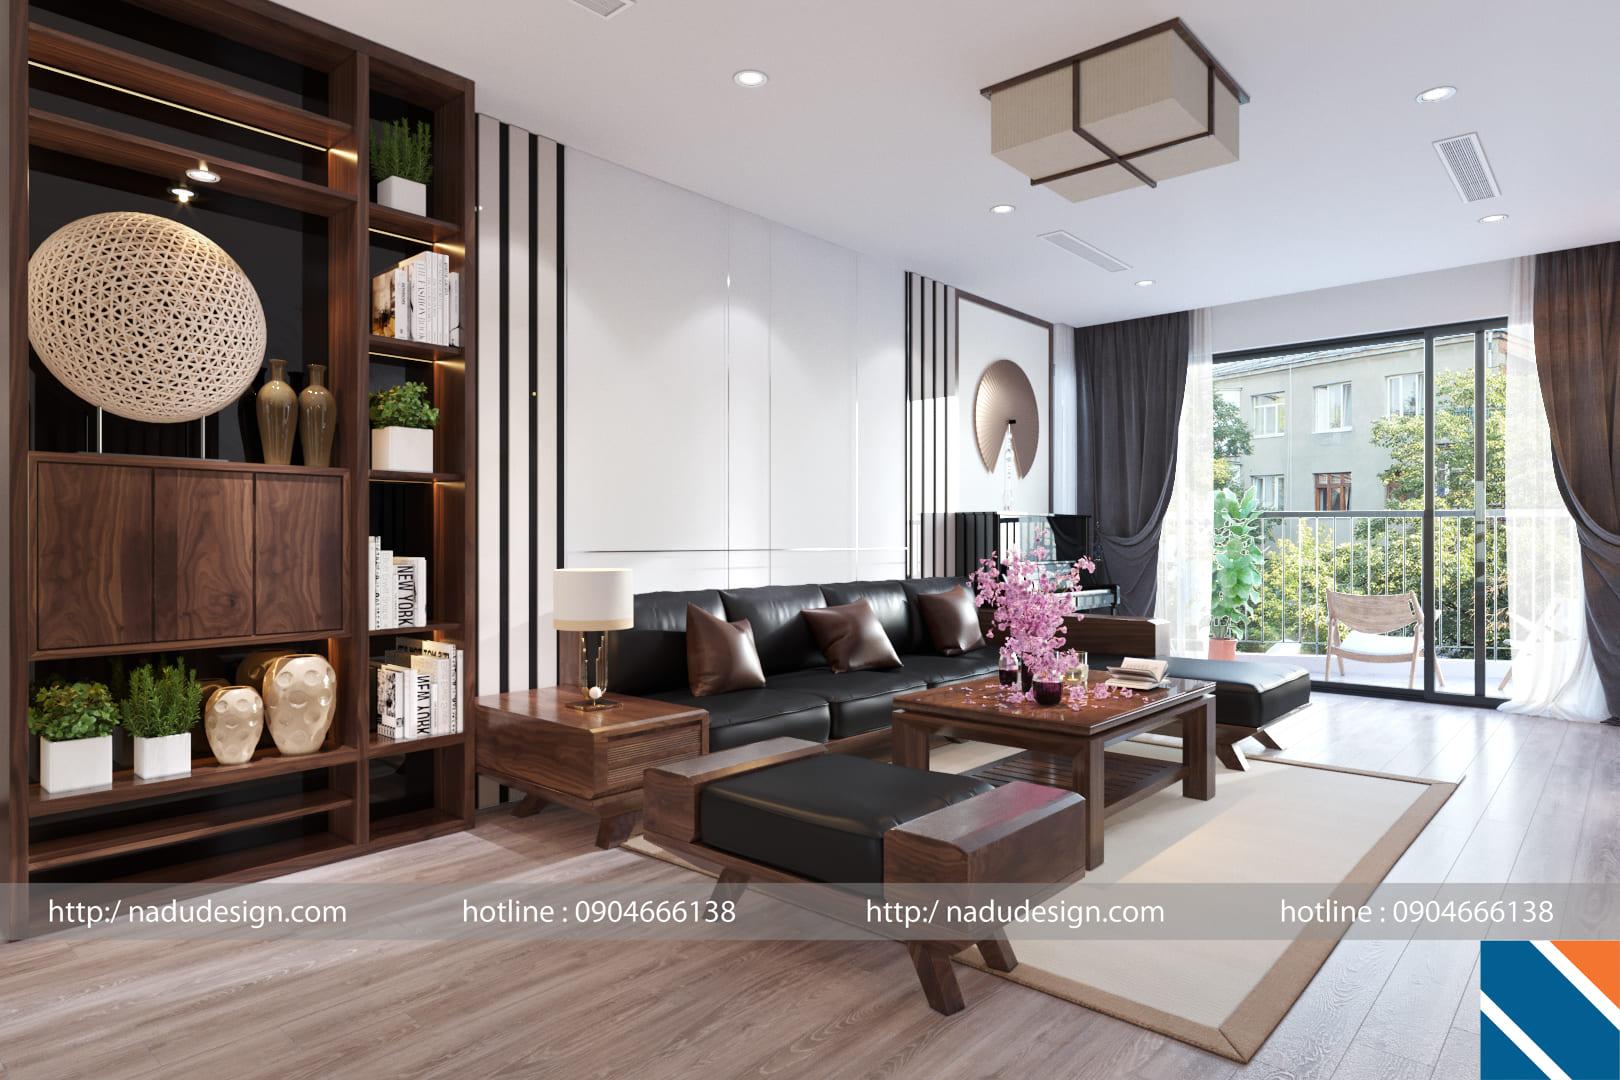 Thiết kế nội thất đẹp sang trọng với gỗ óc chó Chung cư 302 Cầu Giấy chị Thúy